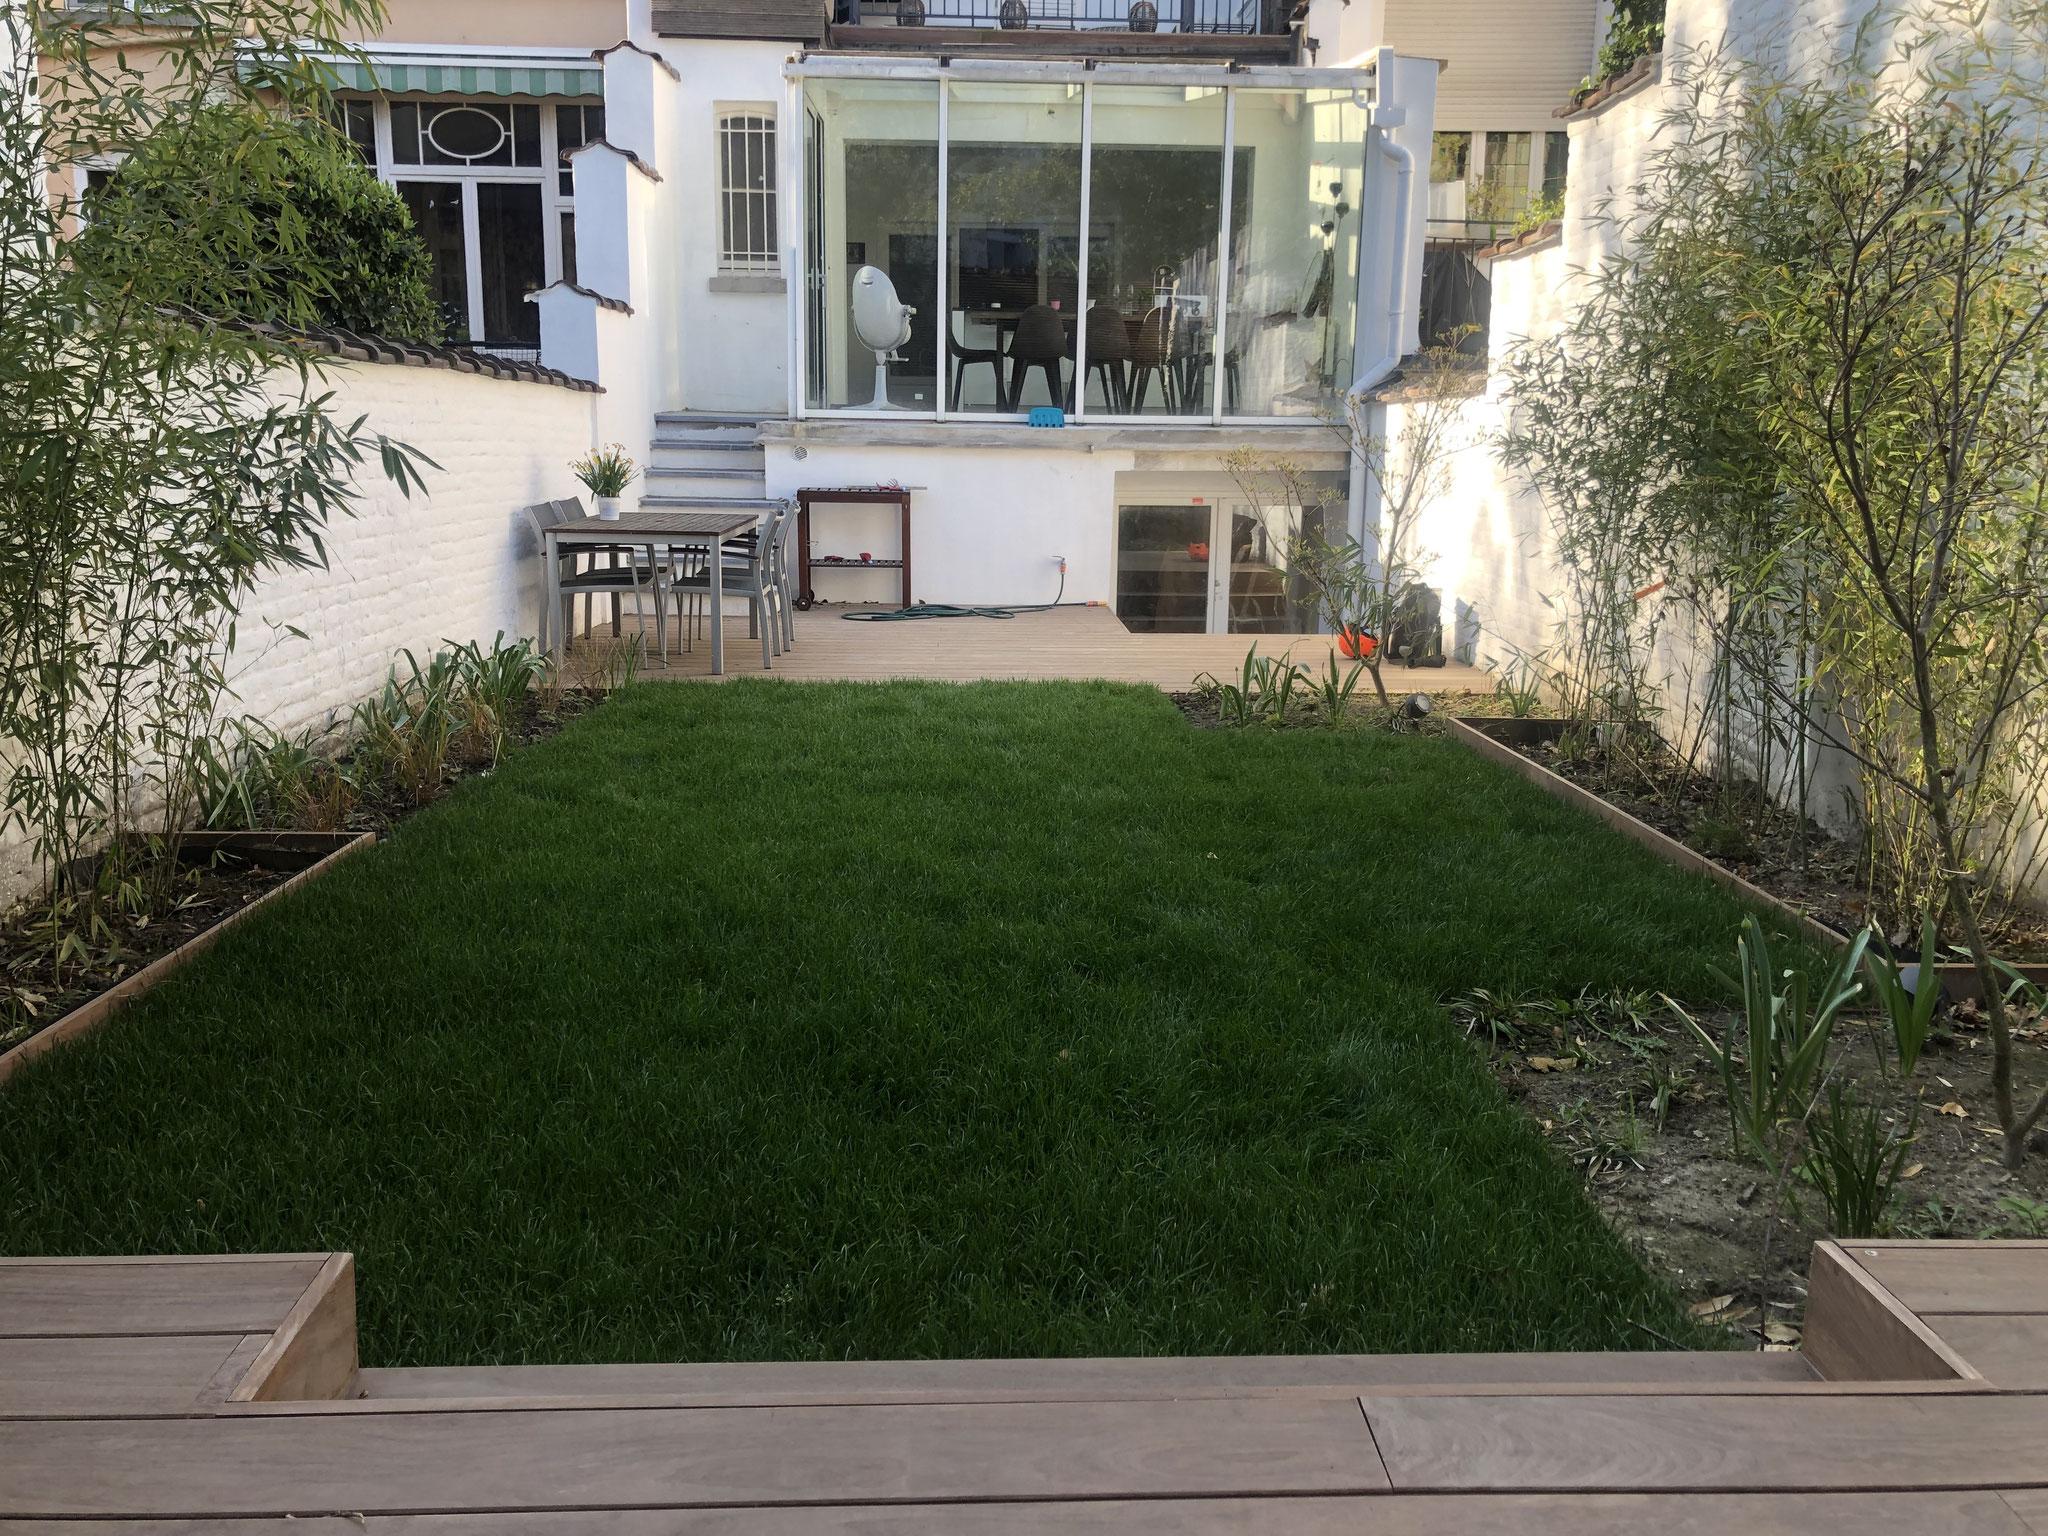 Jardin de 100m2 - Style contemporain - Vue d'ensemble / Terrasse principale - Véranda / Cuisine. Aménagement jardin Bruxelles